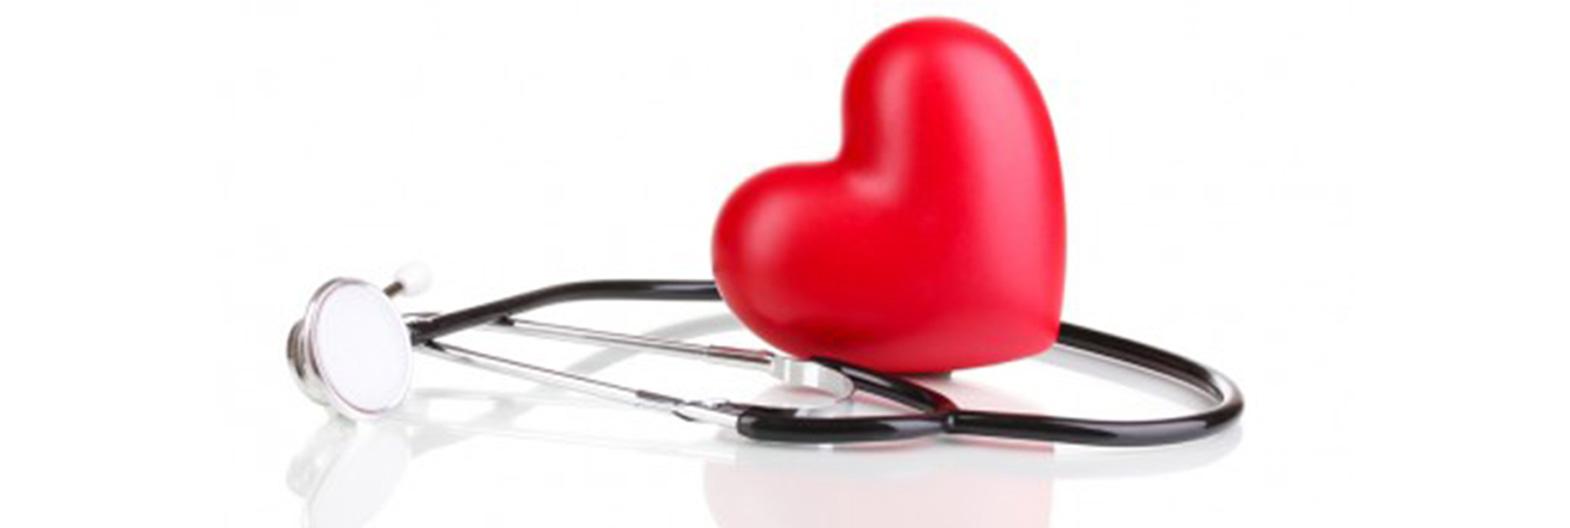 kas statistiką apie hipertenziją